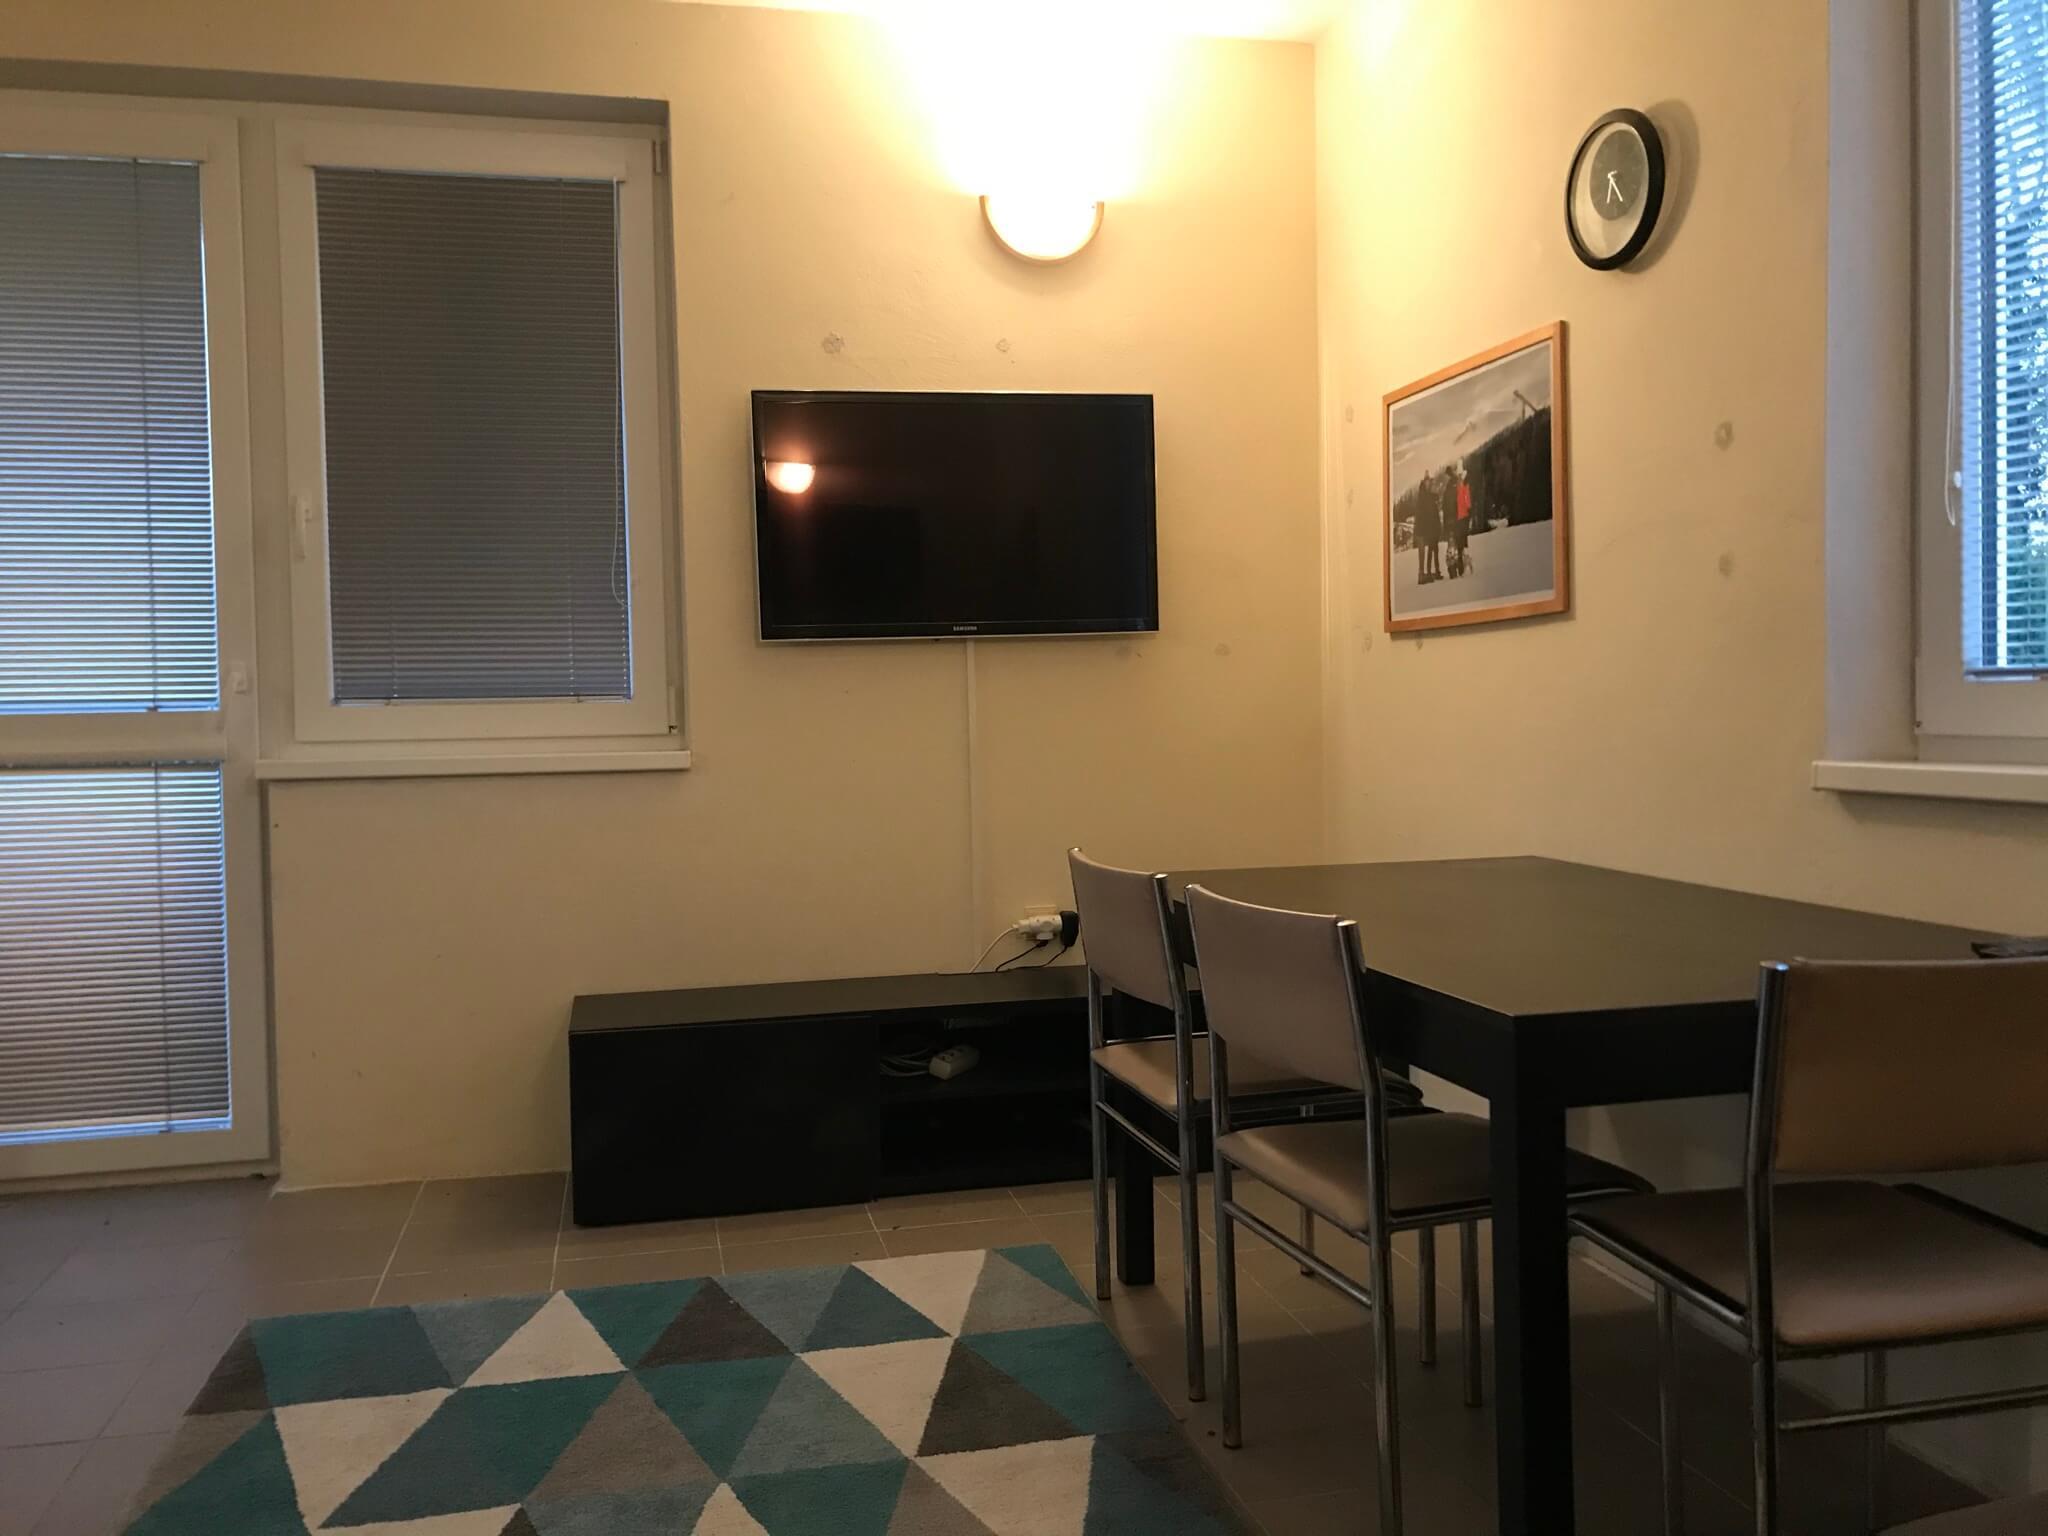 Predané: Exkluzívne 3 izbová chata o výmere 70m2 s 300m2 pozemkom, 2 podložná, v Gabčíkove pri hrádzi, kompe-18